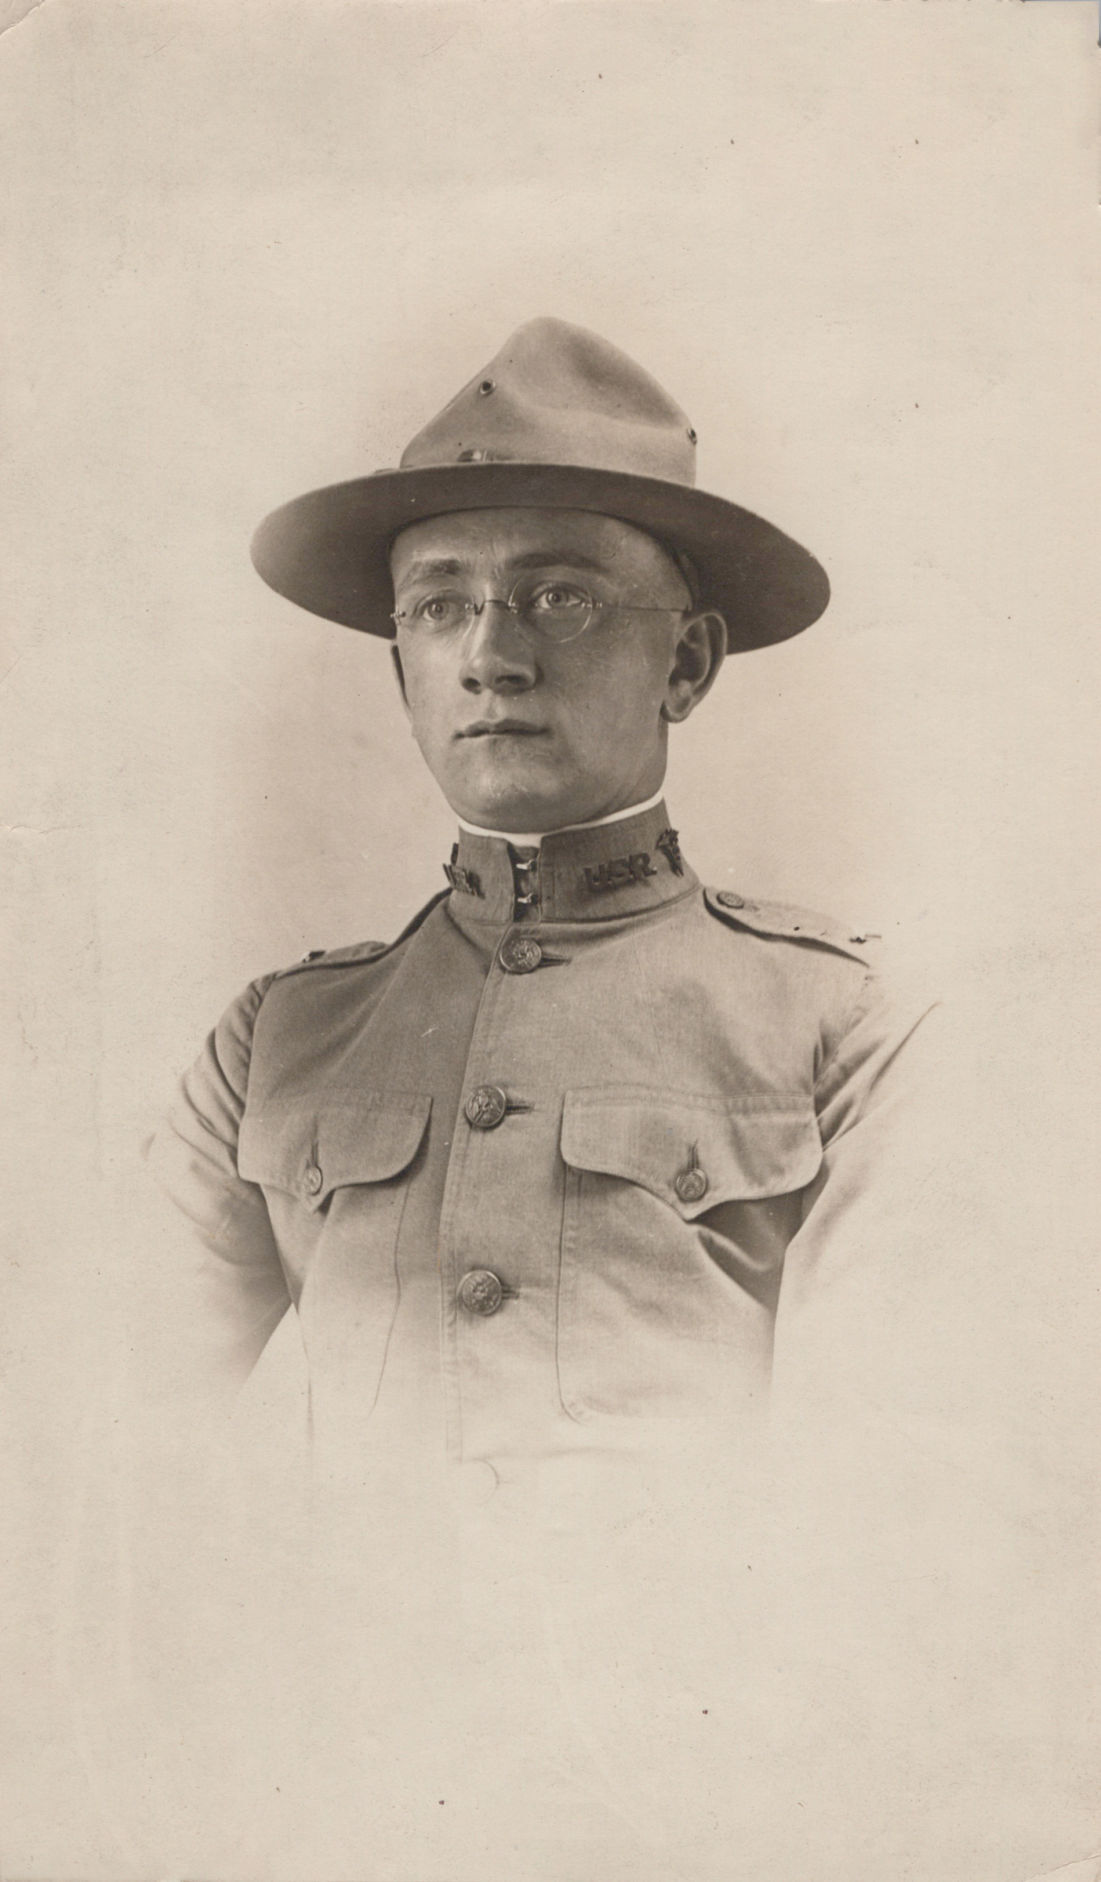 WWI Medical Officer